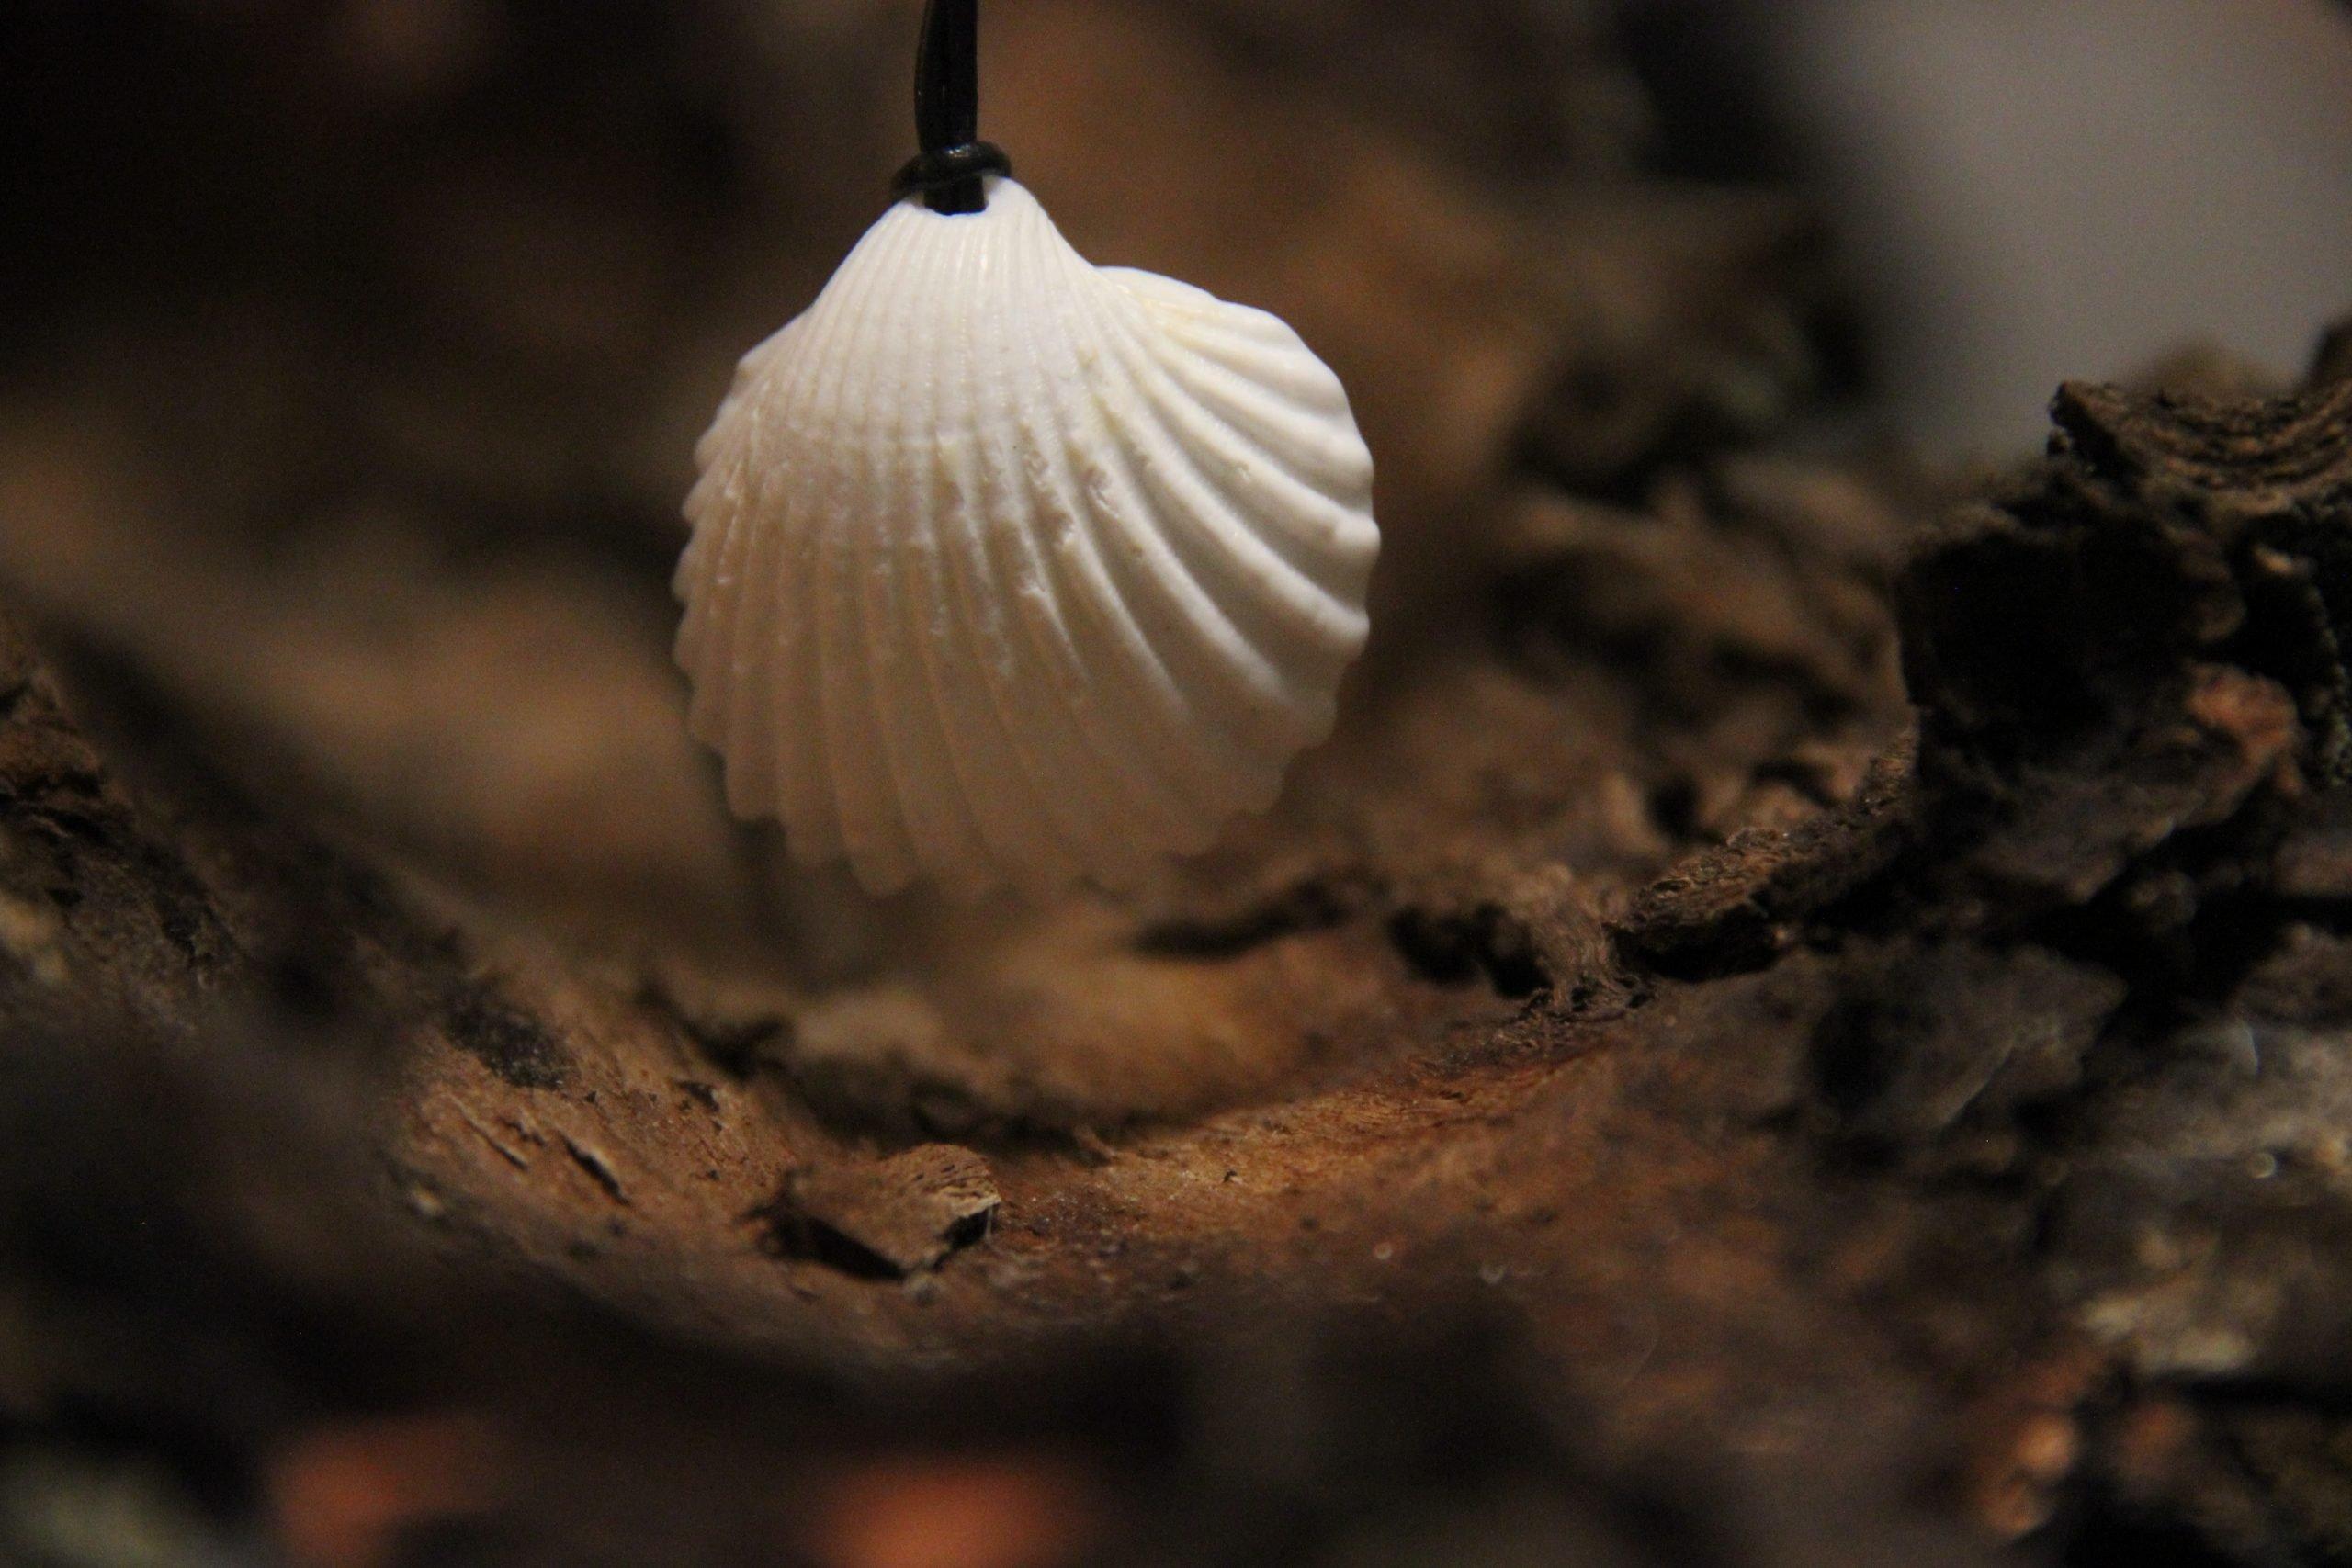 Herzmuschel Naturschmuck Muschel Strandmuschel handgemachtes selbstgemachtes Schmuck handmade unikat Lederband Rebecca Speth resp. Künstlerin weiß